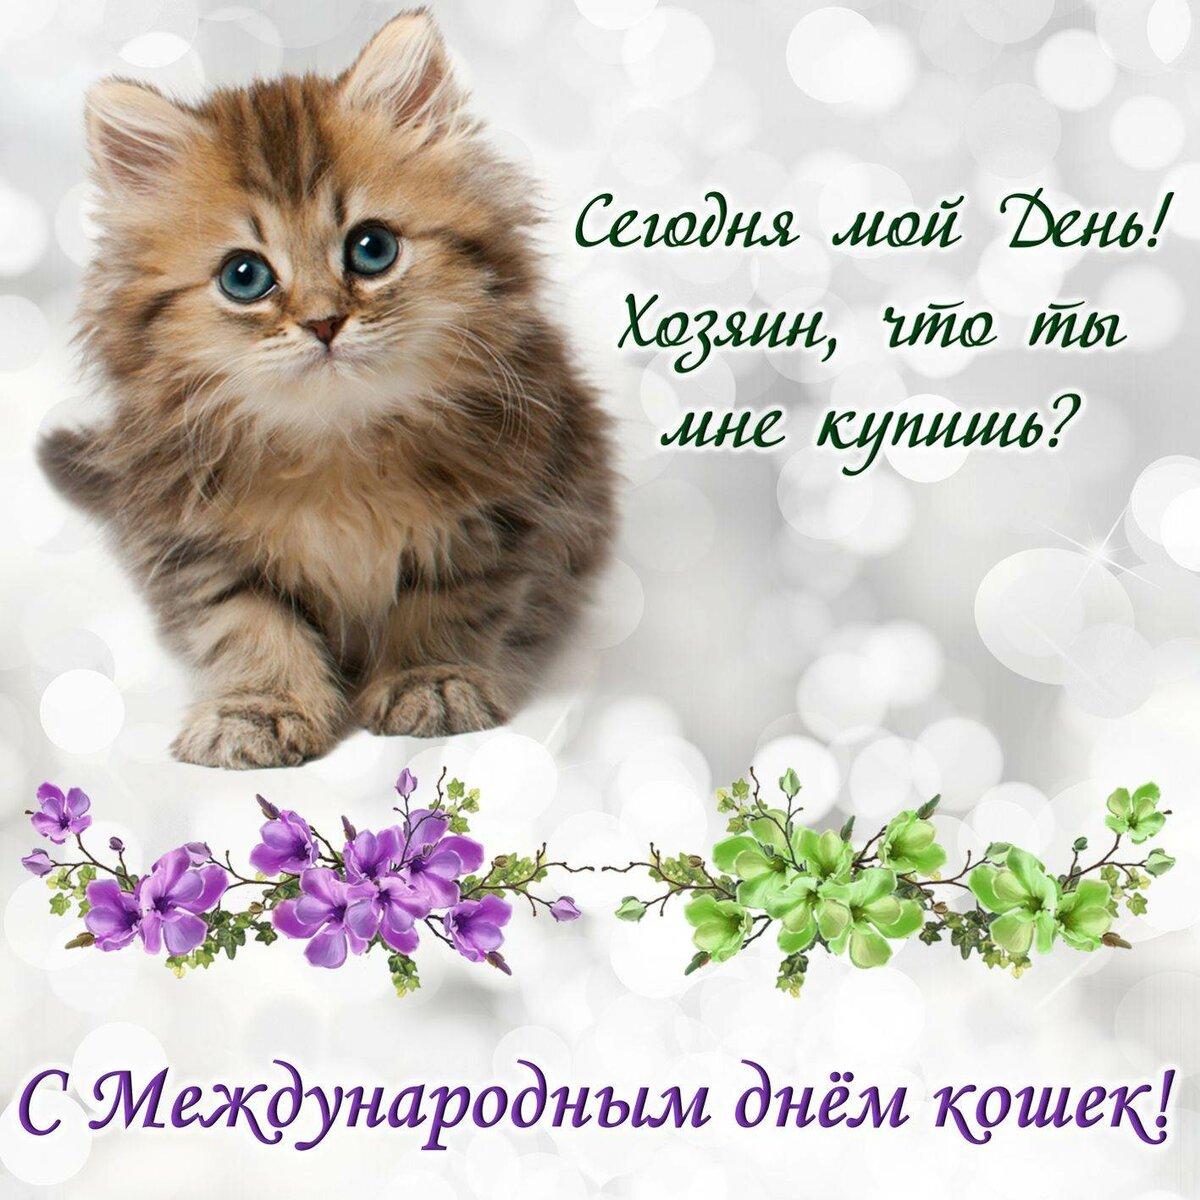 наименование поздравления с всемирным днем кошек 8 августа такого